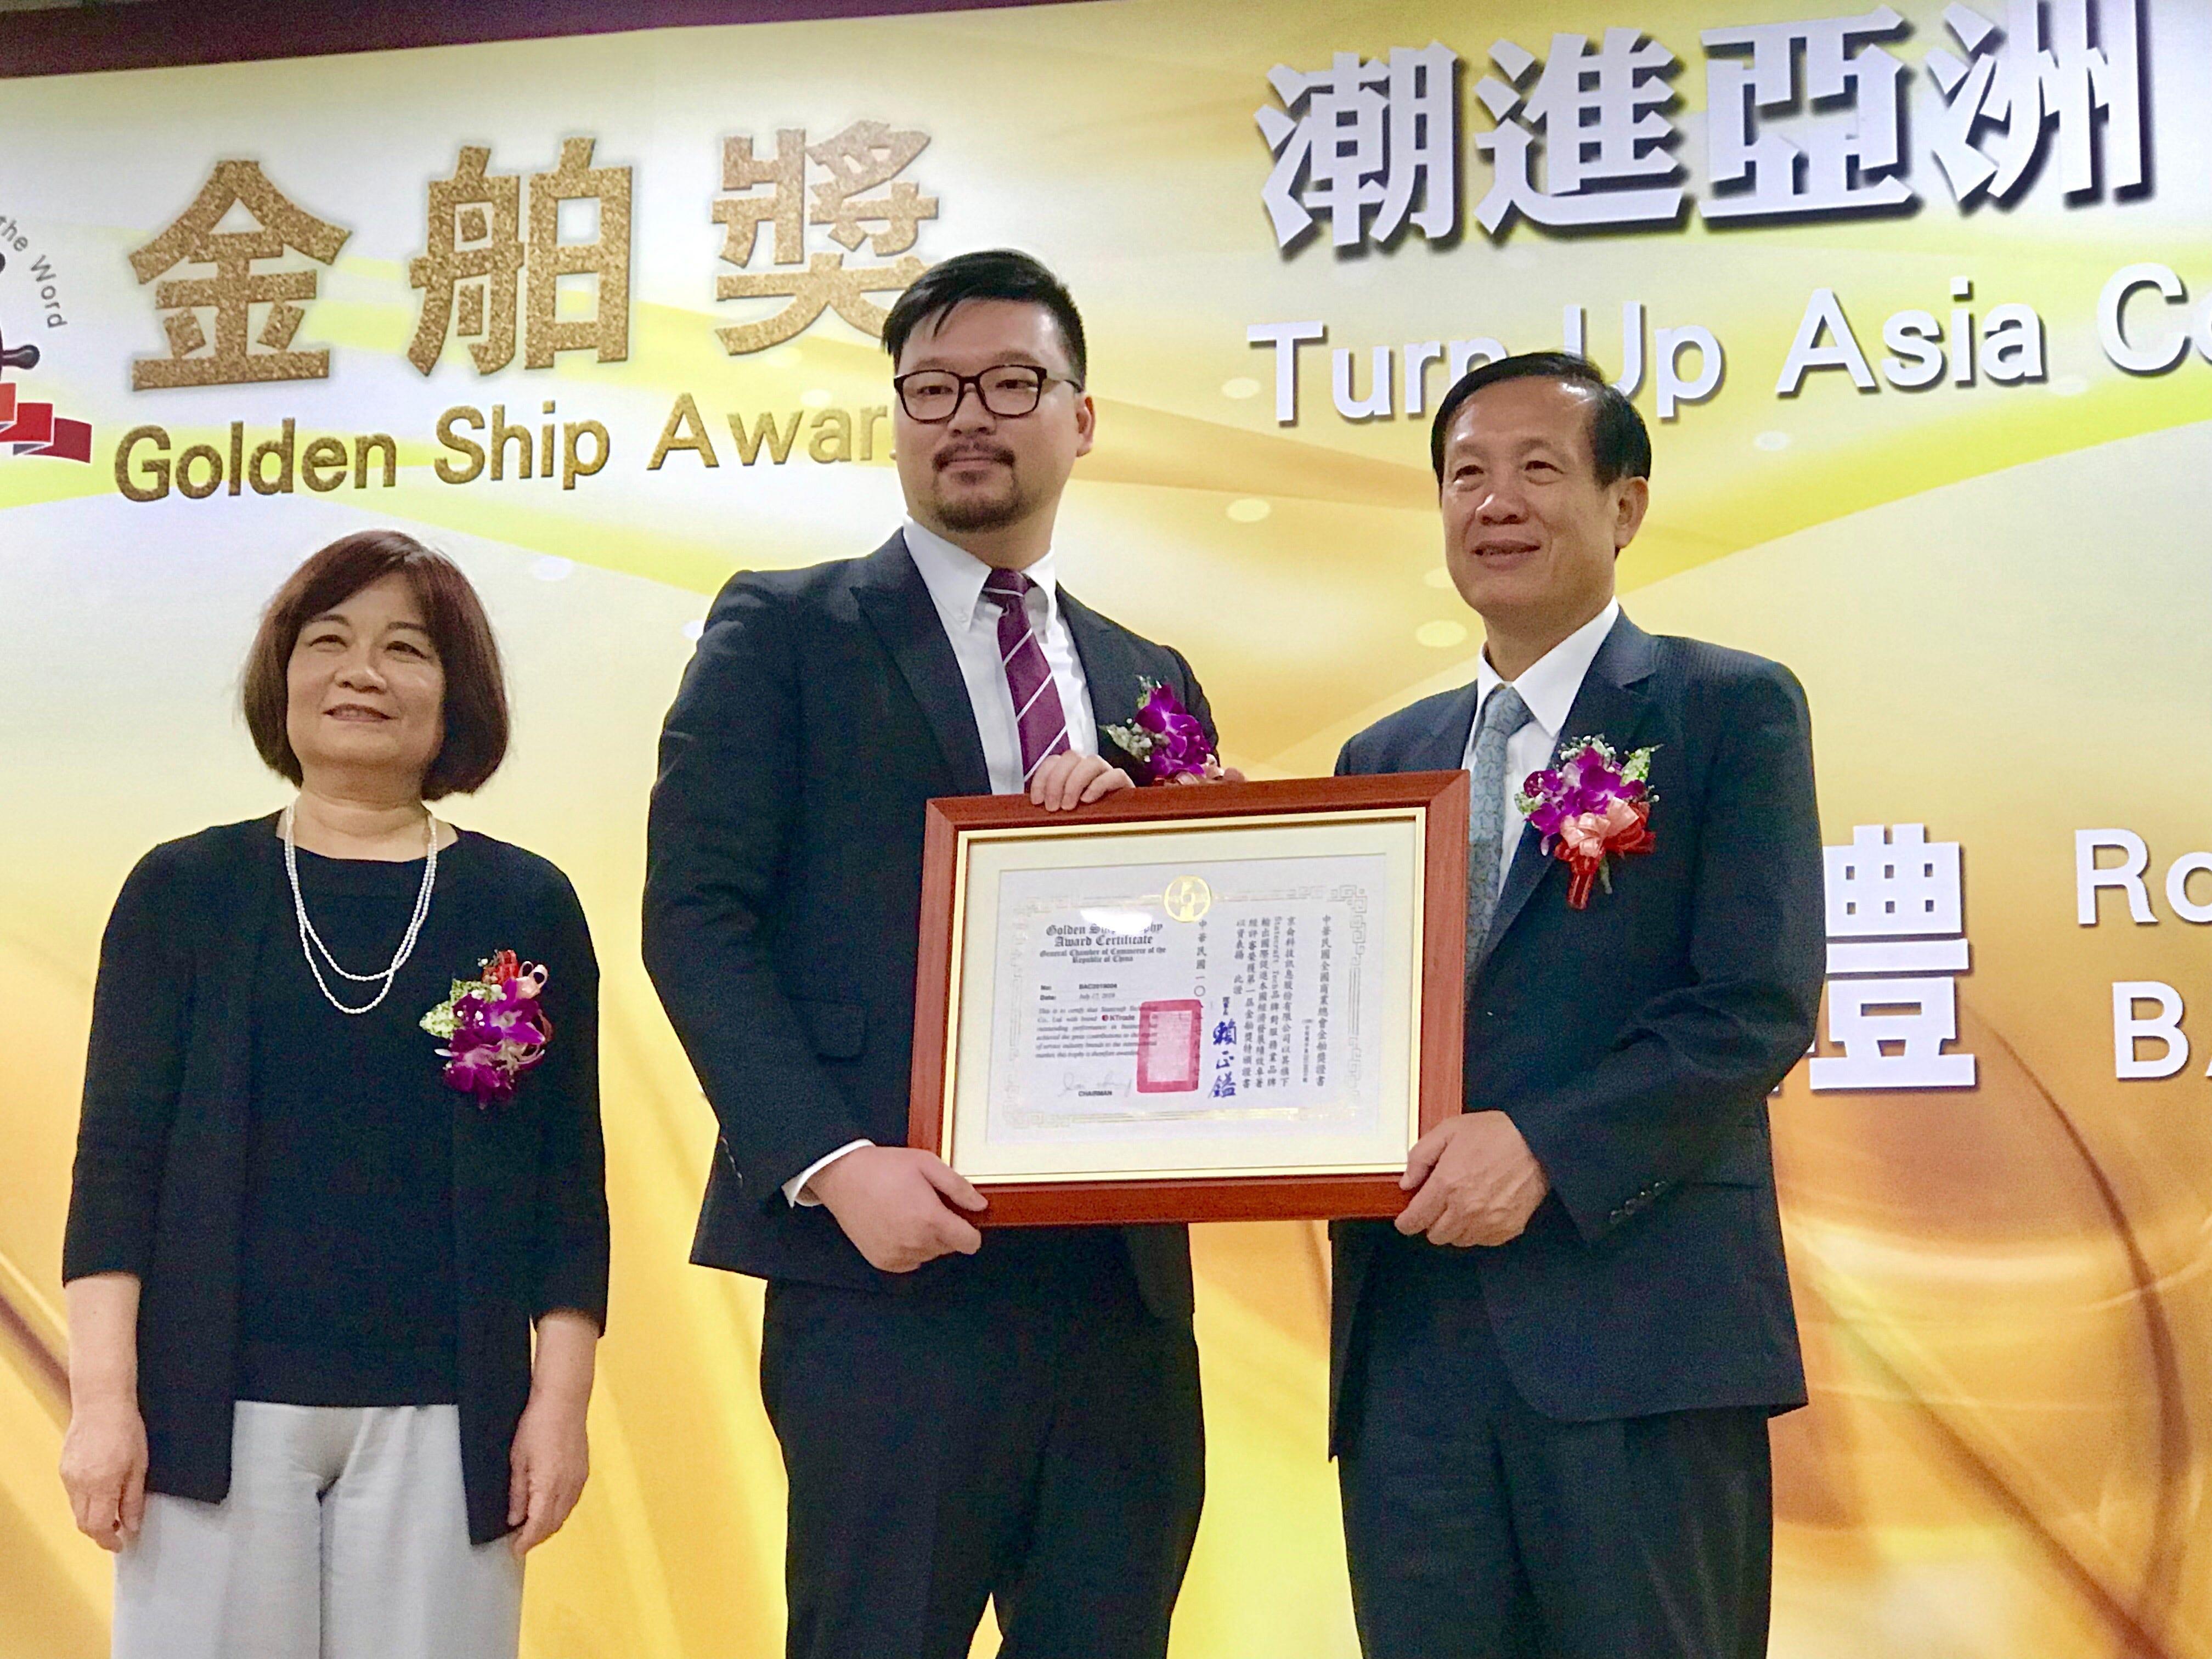 中華民國全國商業總會首屆金舶獎頒獎典禮 百家爭鳴 京侖科技獲獎 - Statecraft Tech - Medium